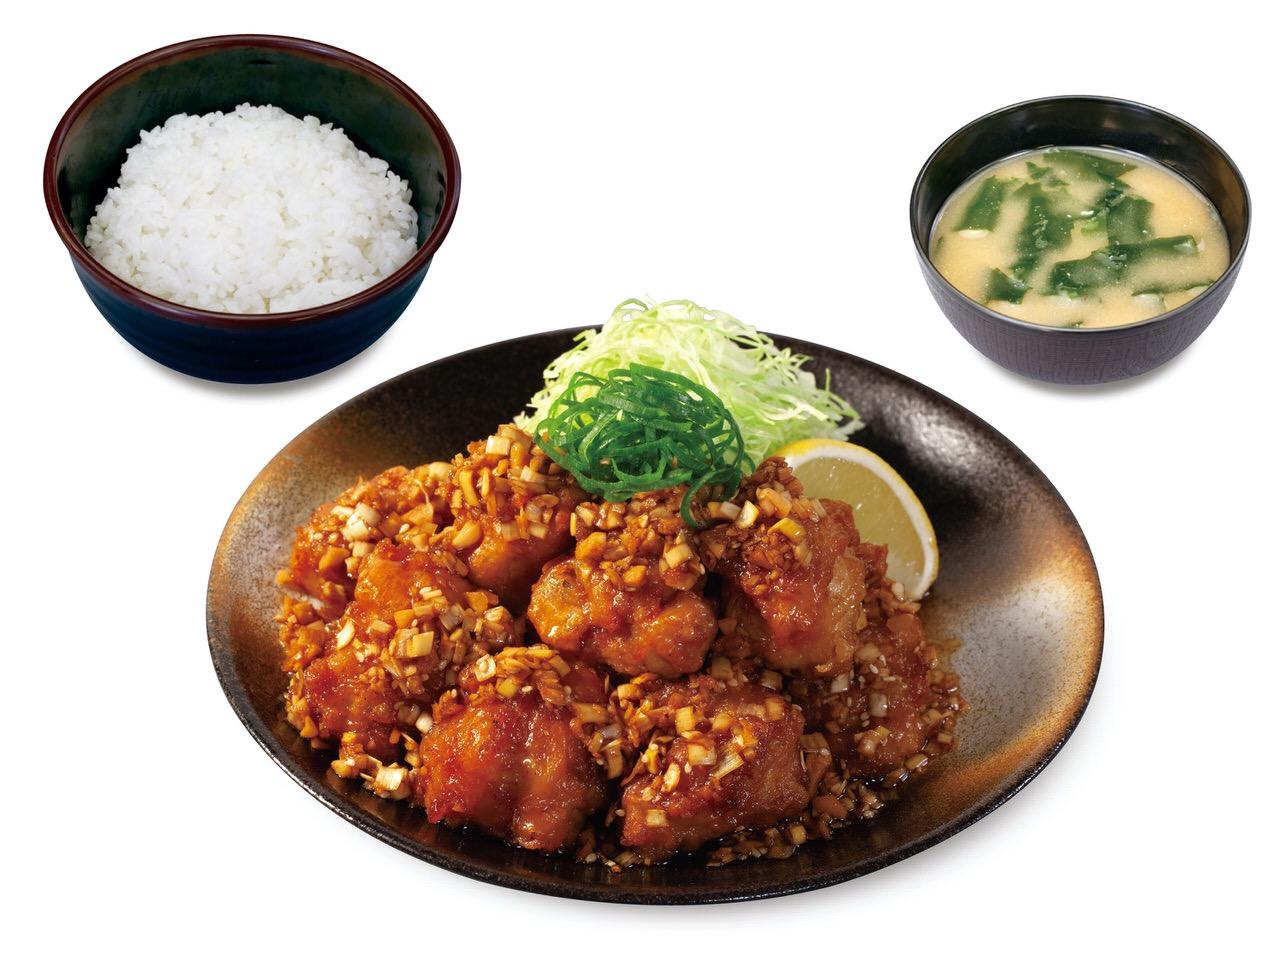 【松のや】鶏モモ肉をカラッとジューシーに揚げた唐揚げに香味野菜たっぷり特製ダレの「油淋鶏定食」発売開始